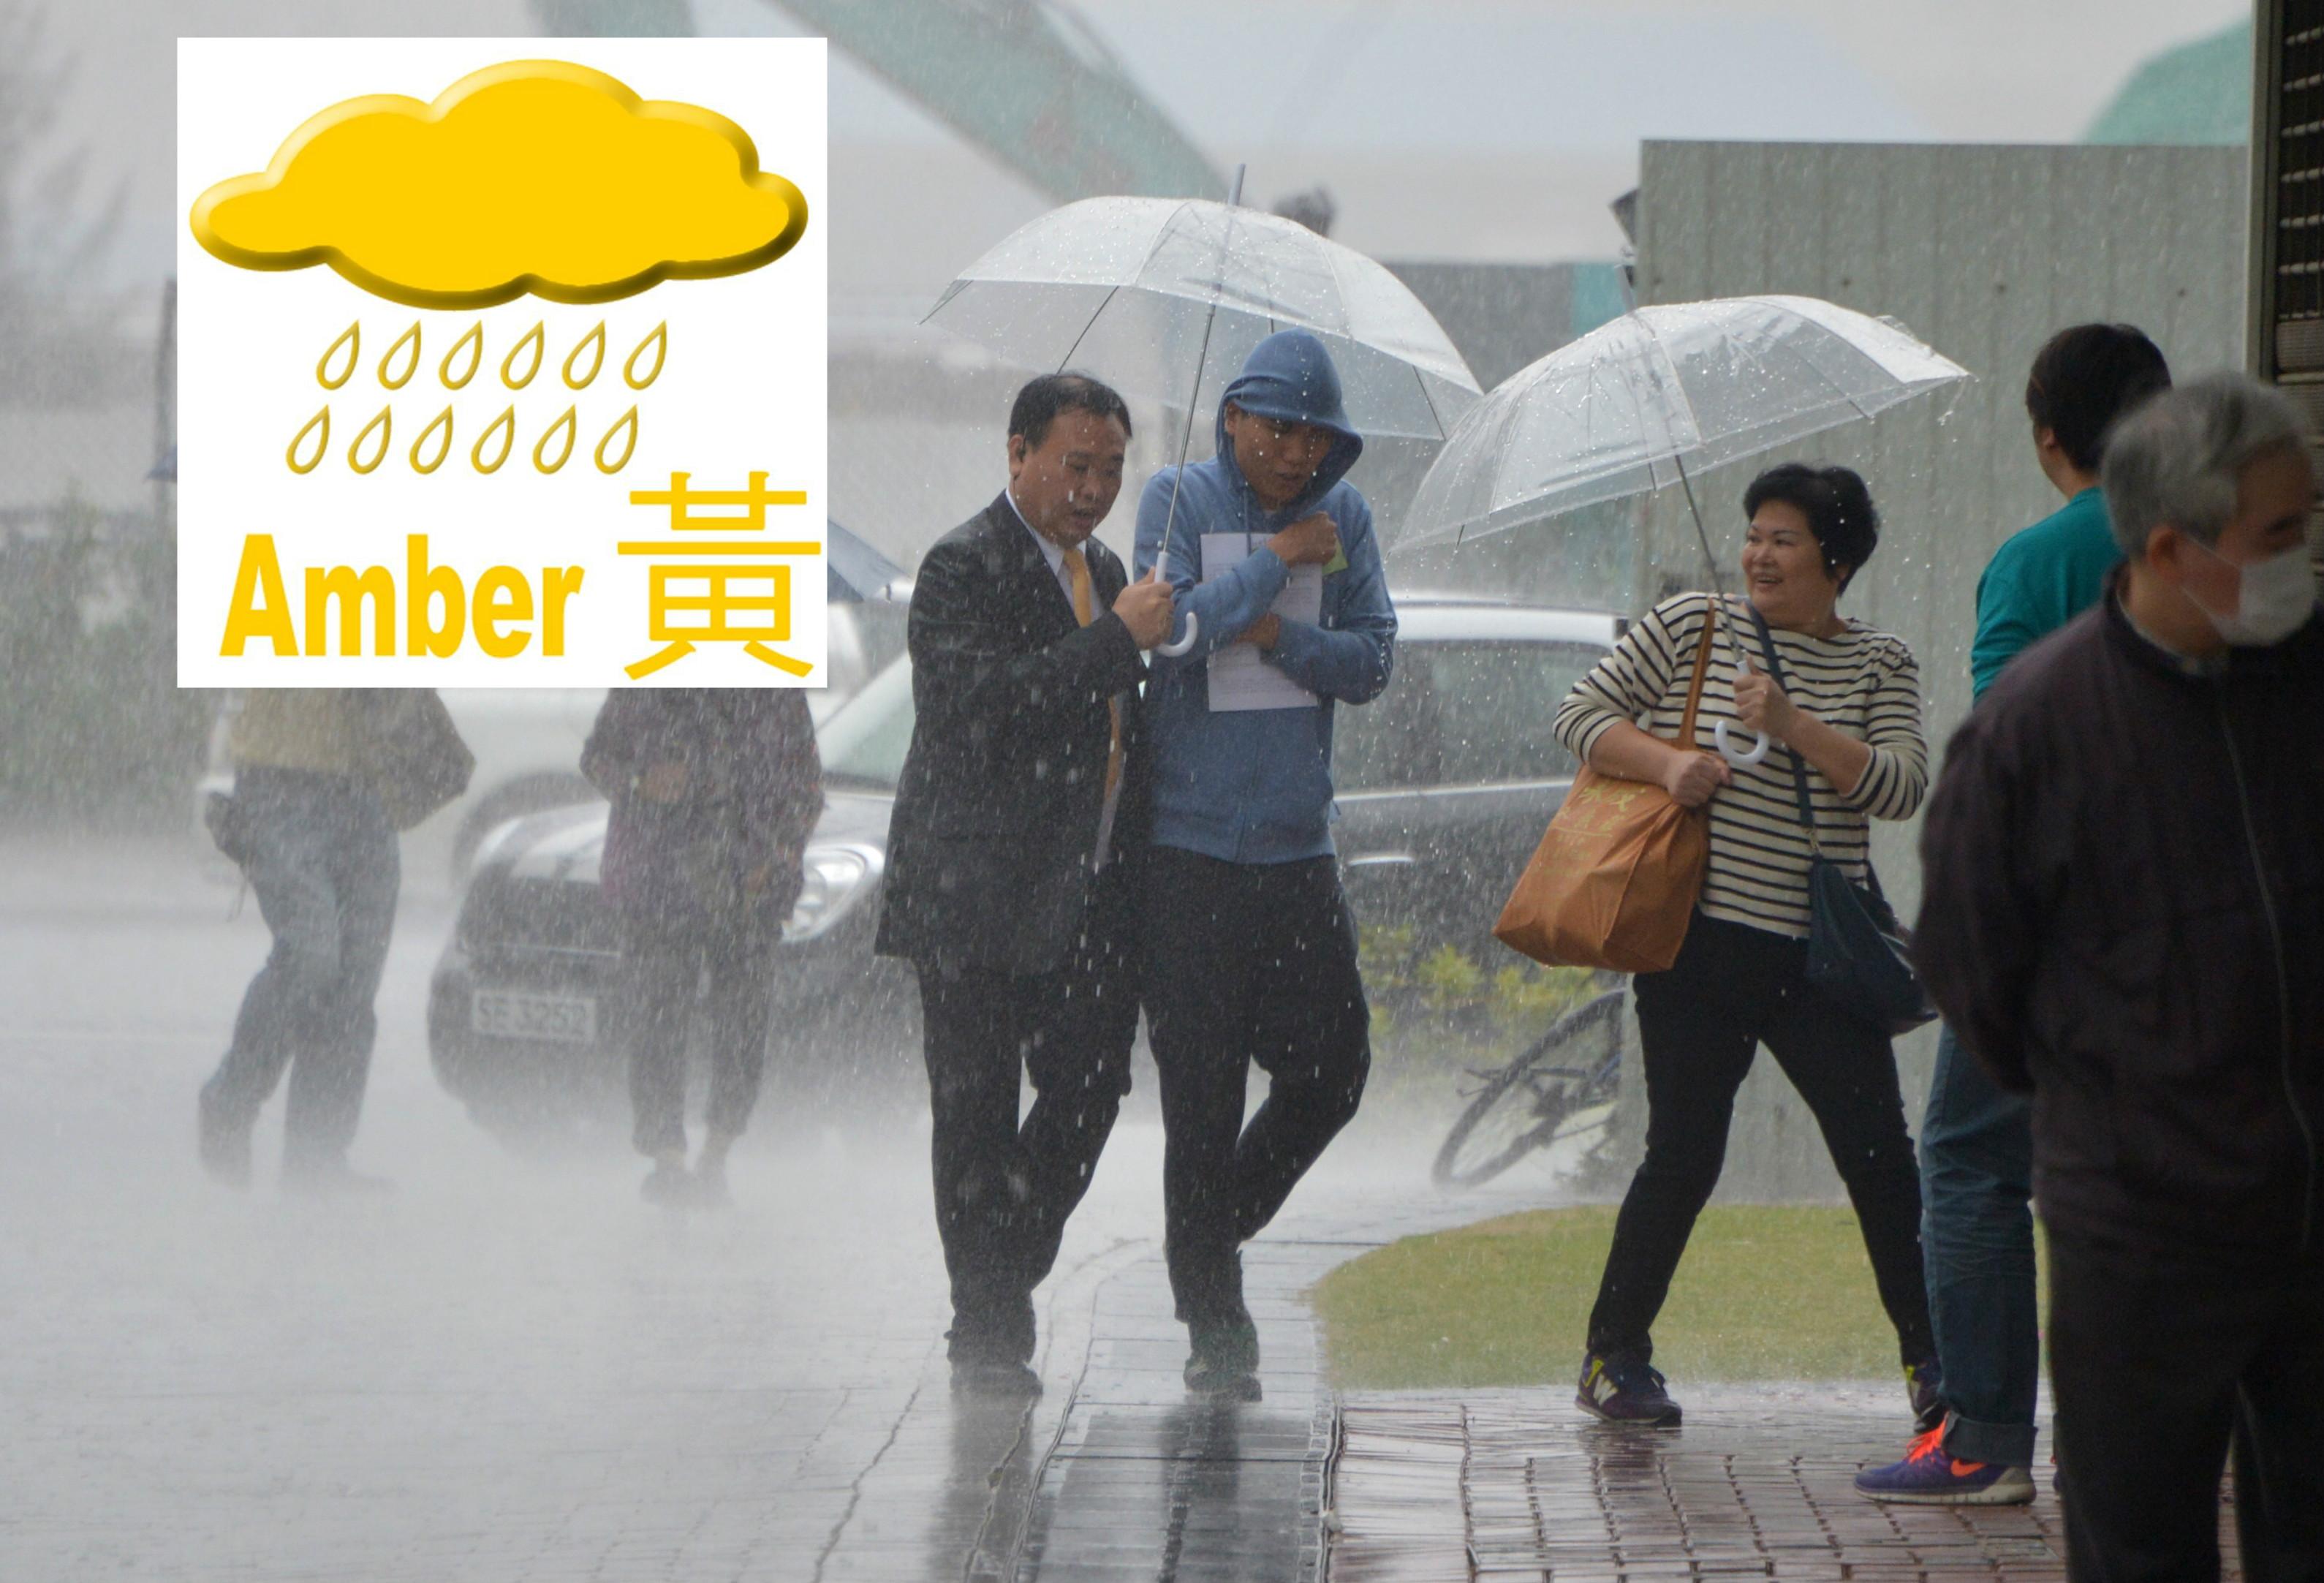 黄色暴雨警告生效。资料图片